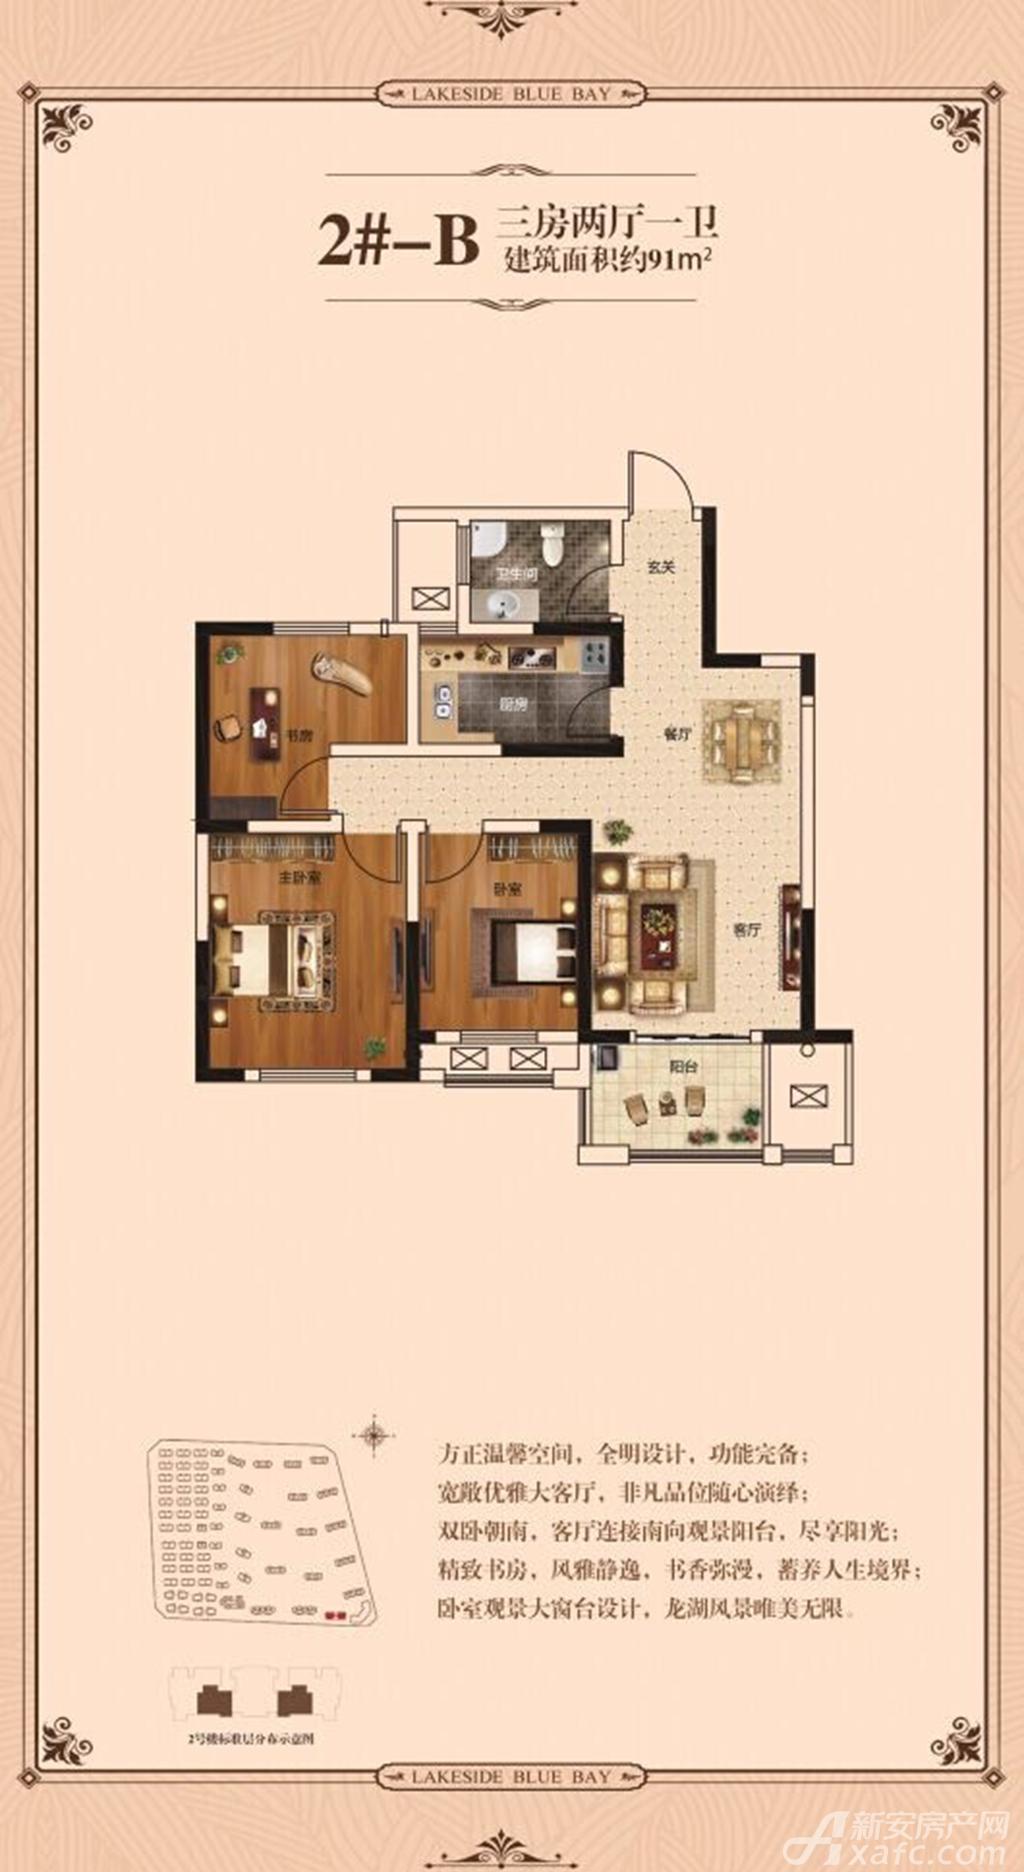 康恒滨湖蓝湾B户型3室2厅91平米